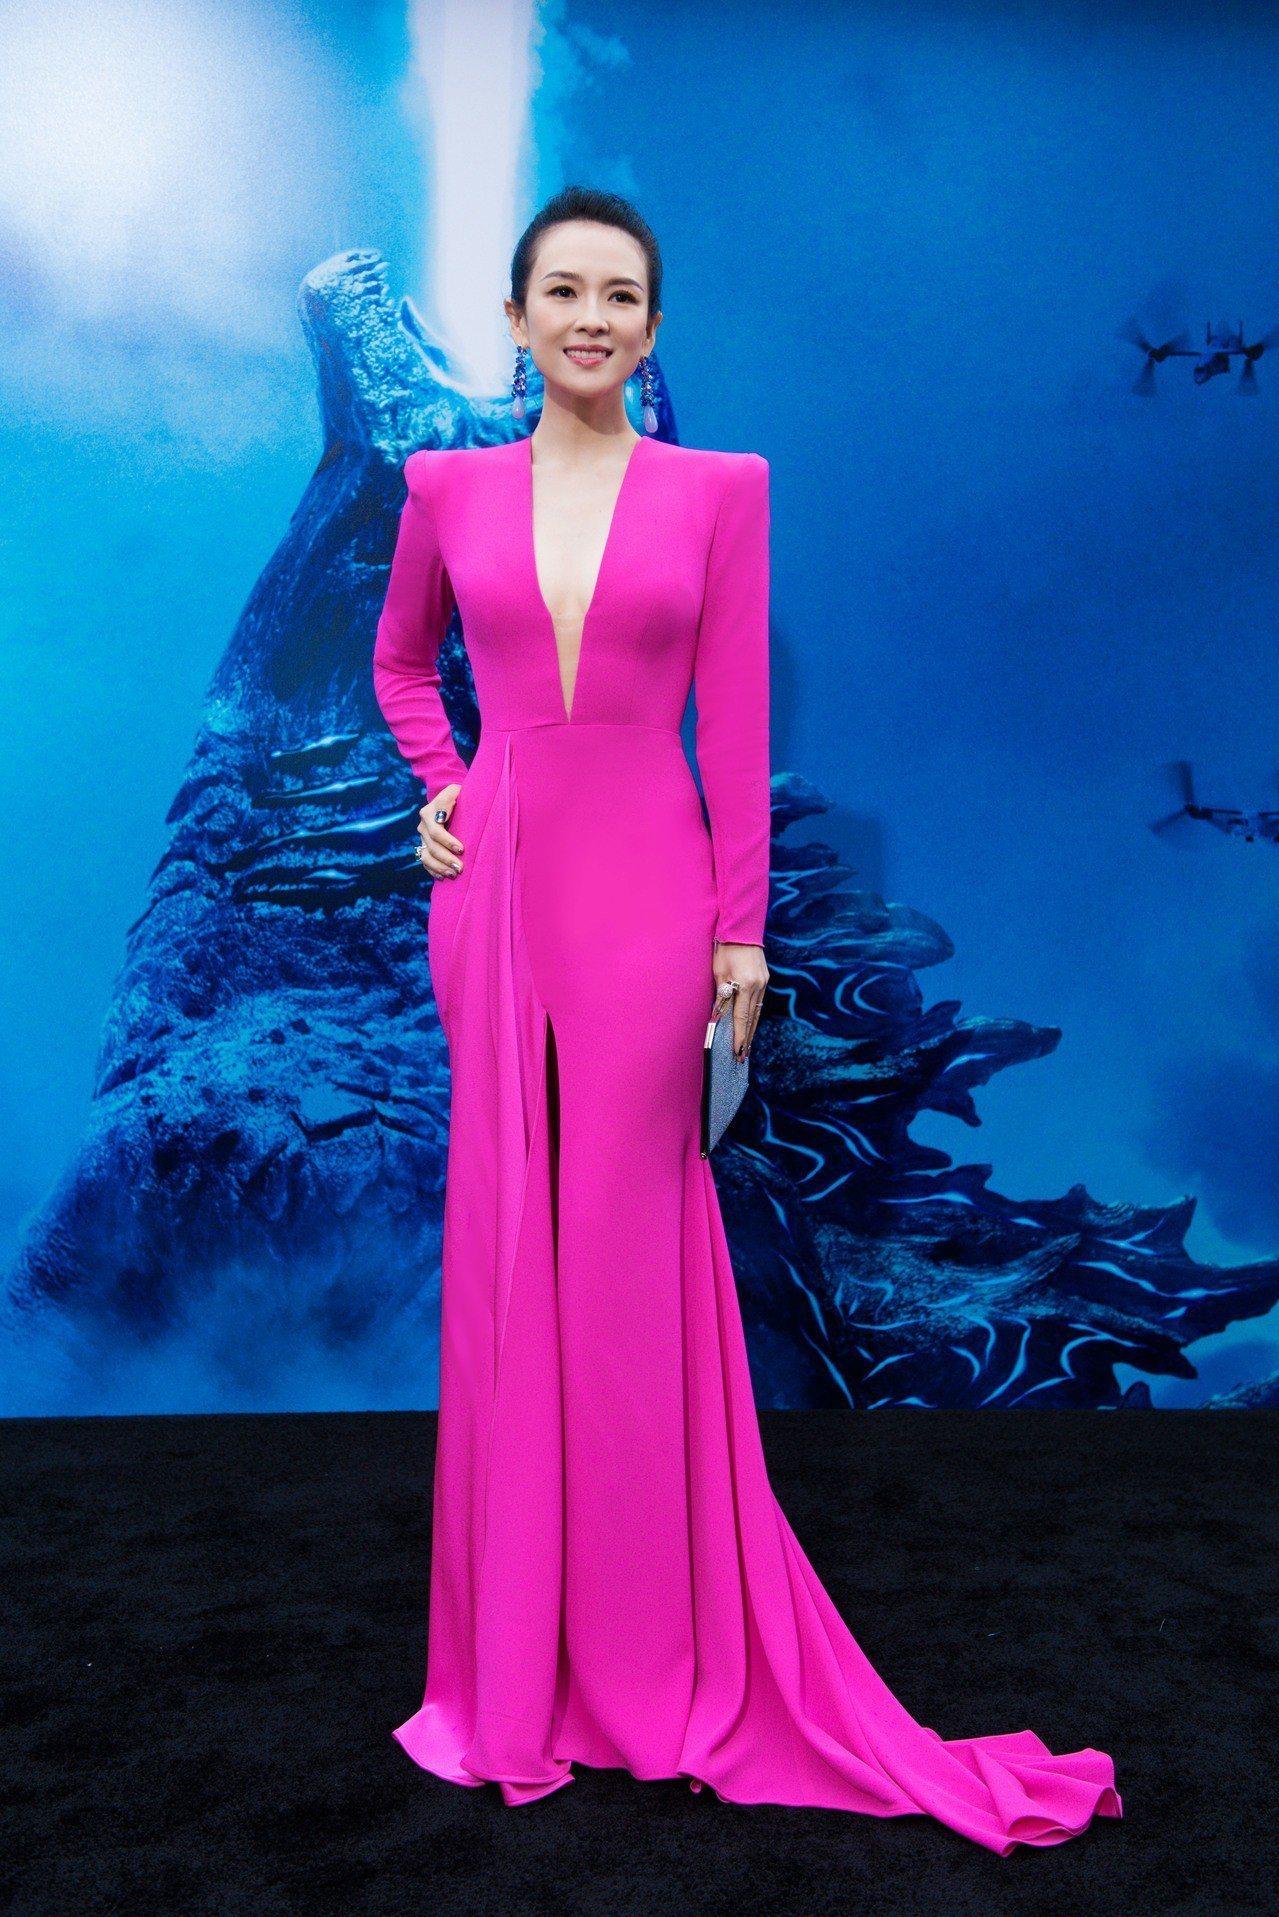 章子怡現出席《哥吉拉II:怪獸之王》電影首映會穿桃紅色修身的Alex Perry...